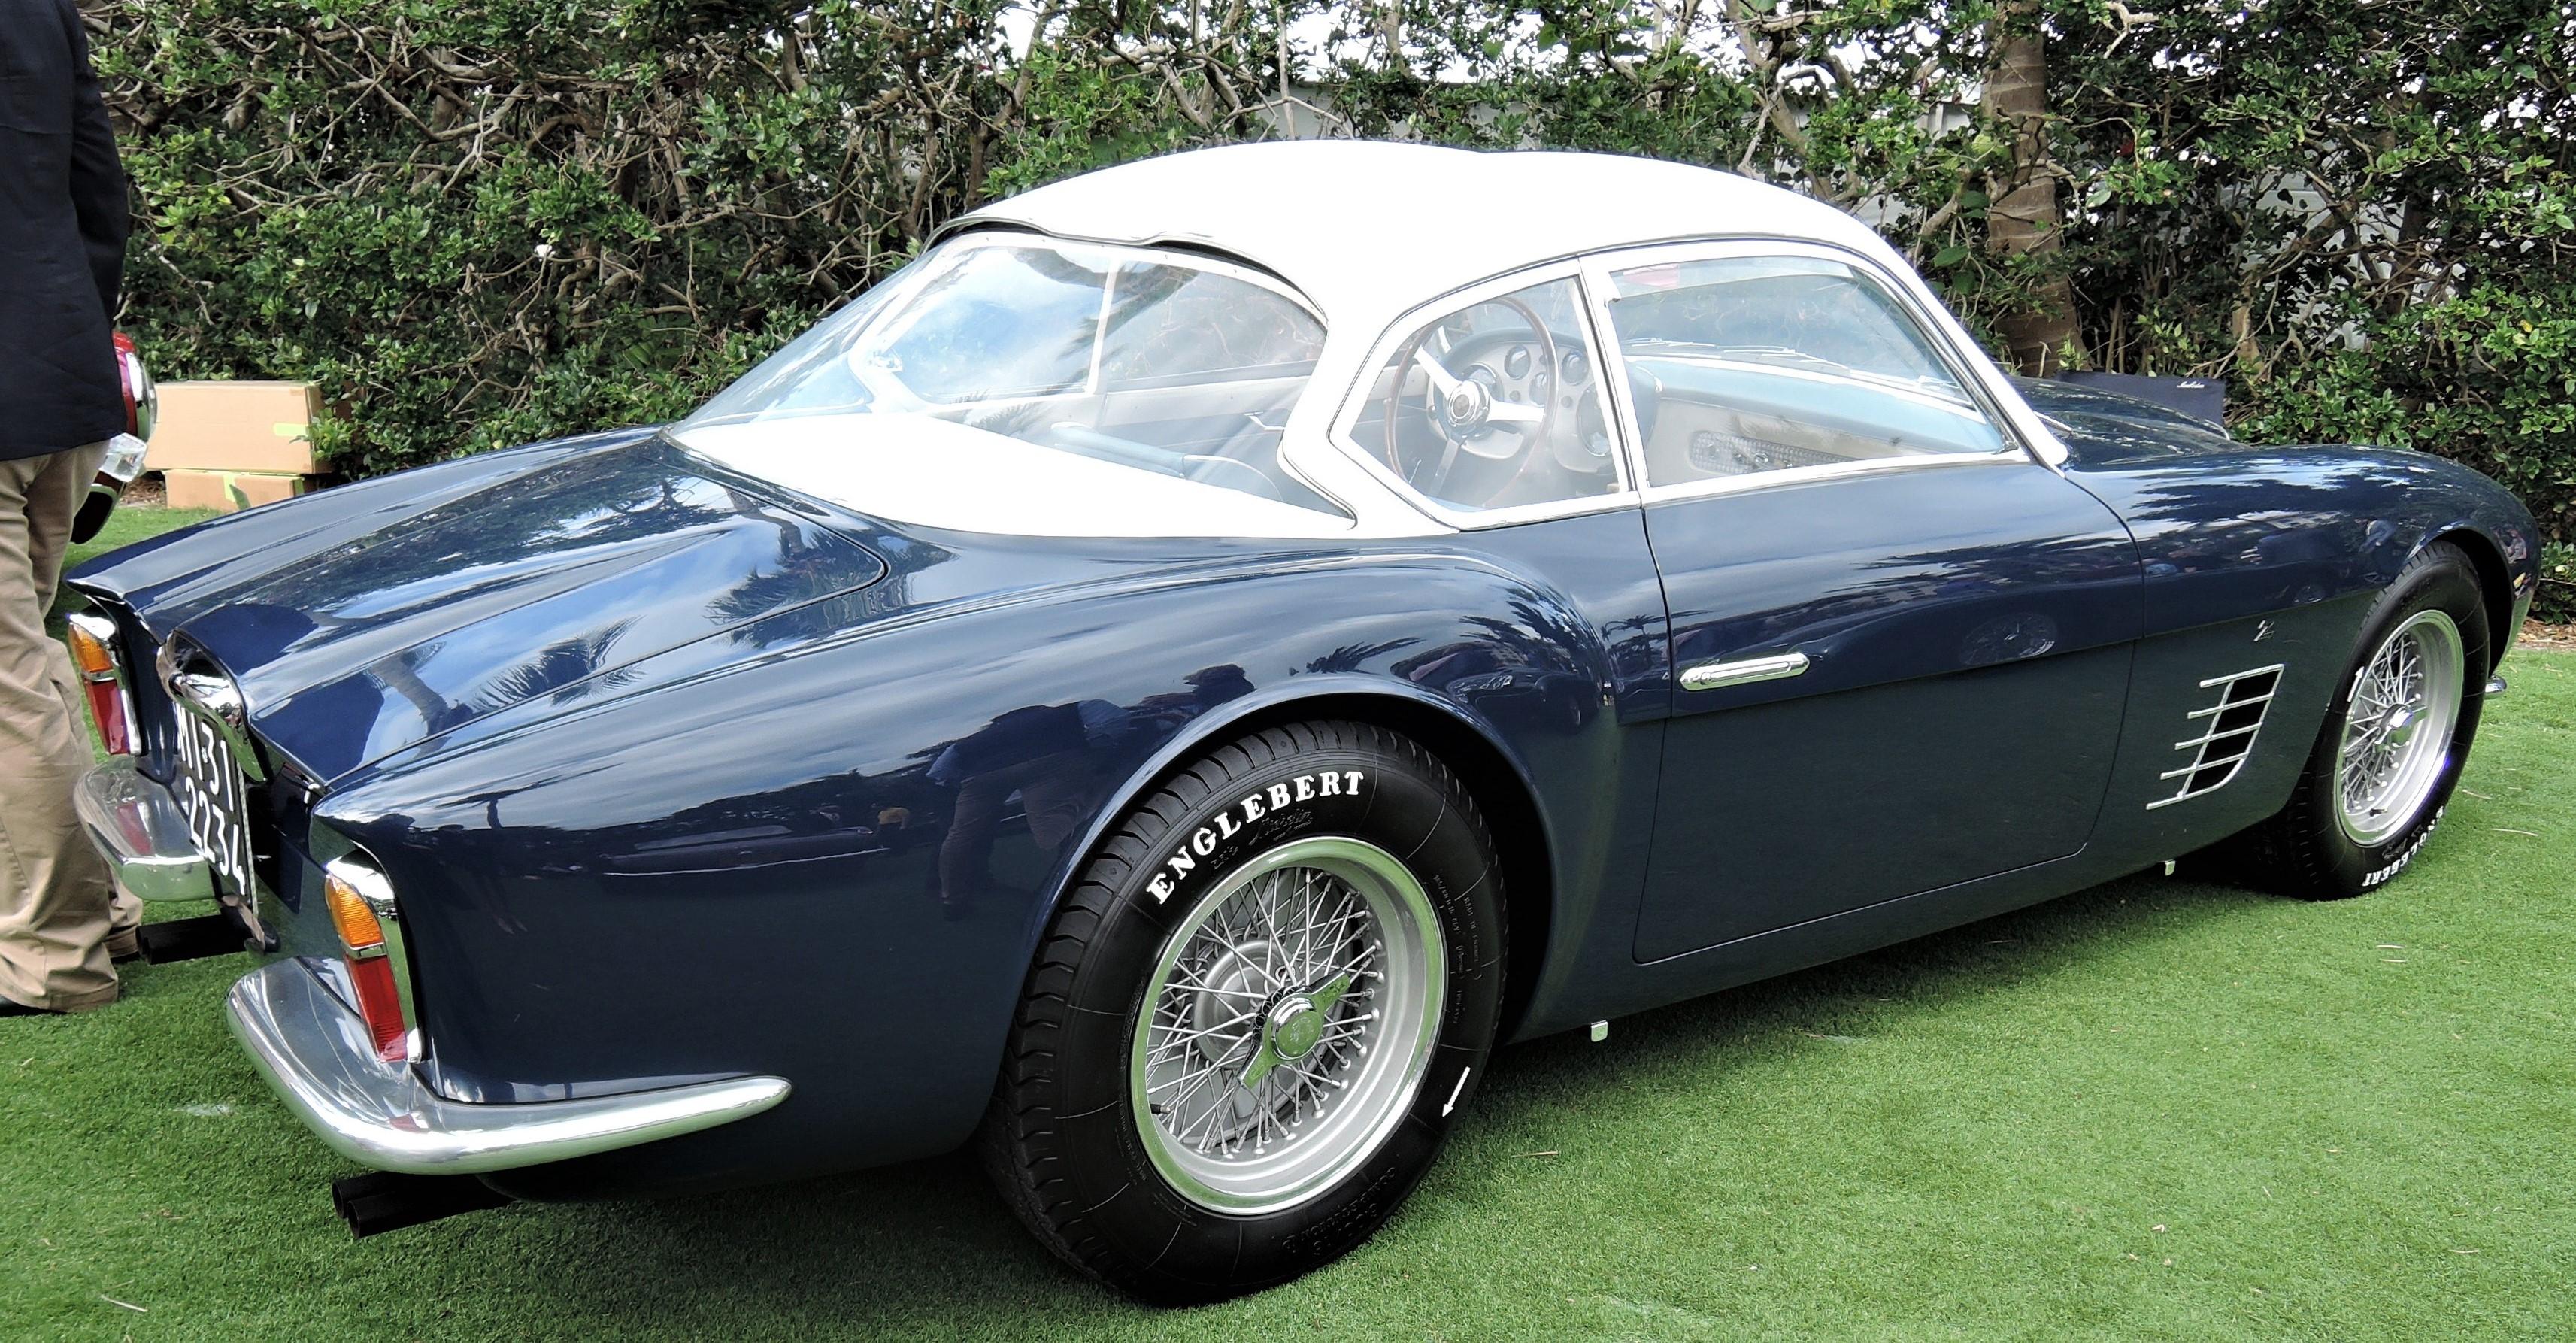 Best of Show blue 1956 Ferrari 250 GT Zagato; Sn 0515 GT - Cavallino 2018 Concours